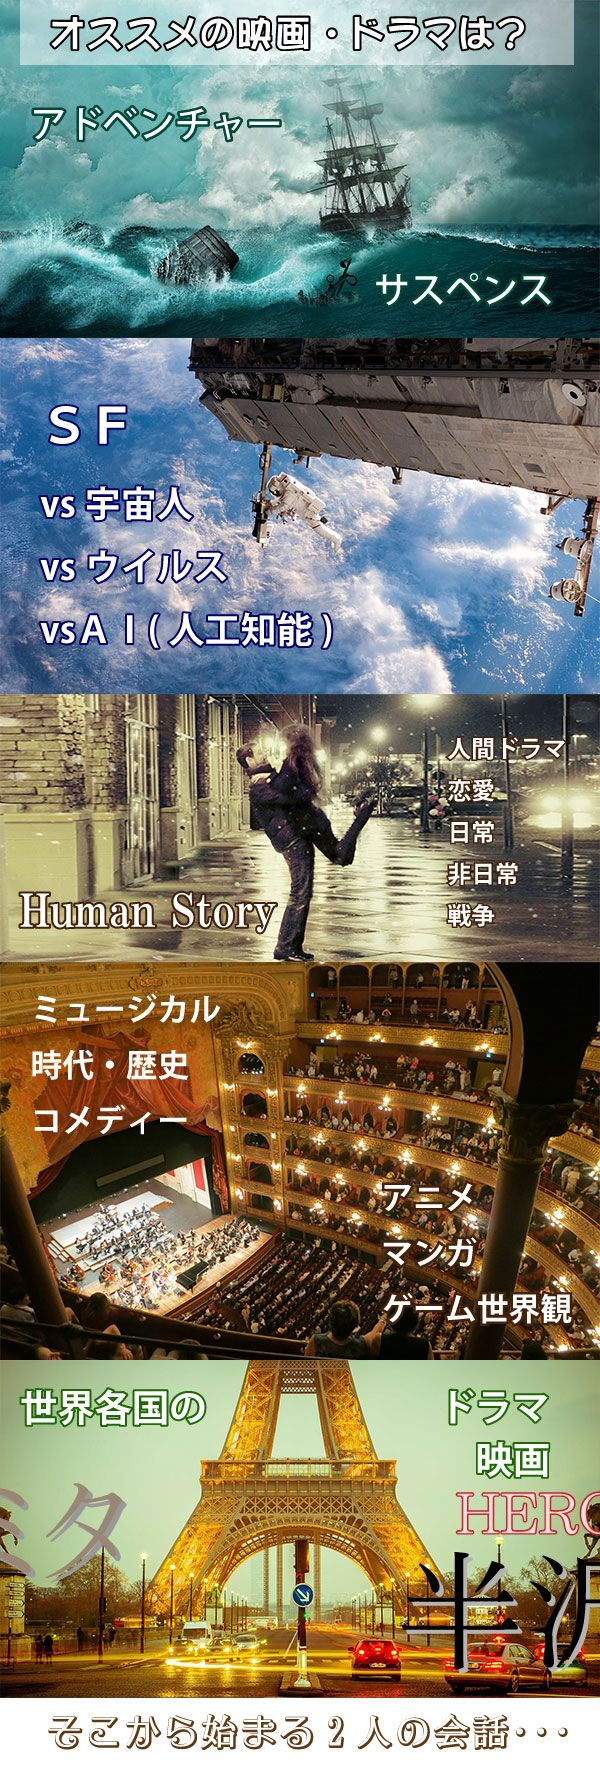 001_海外ドラマ_03